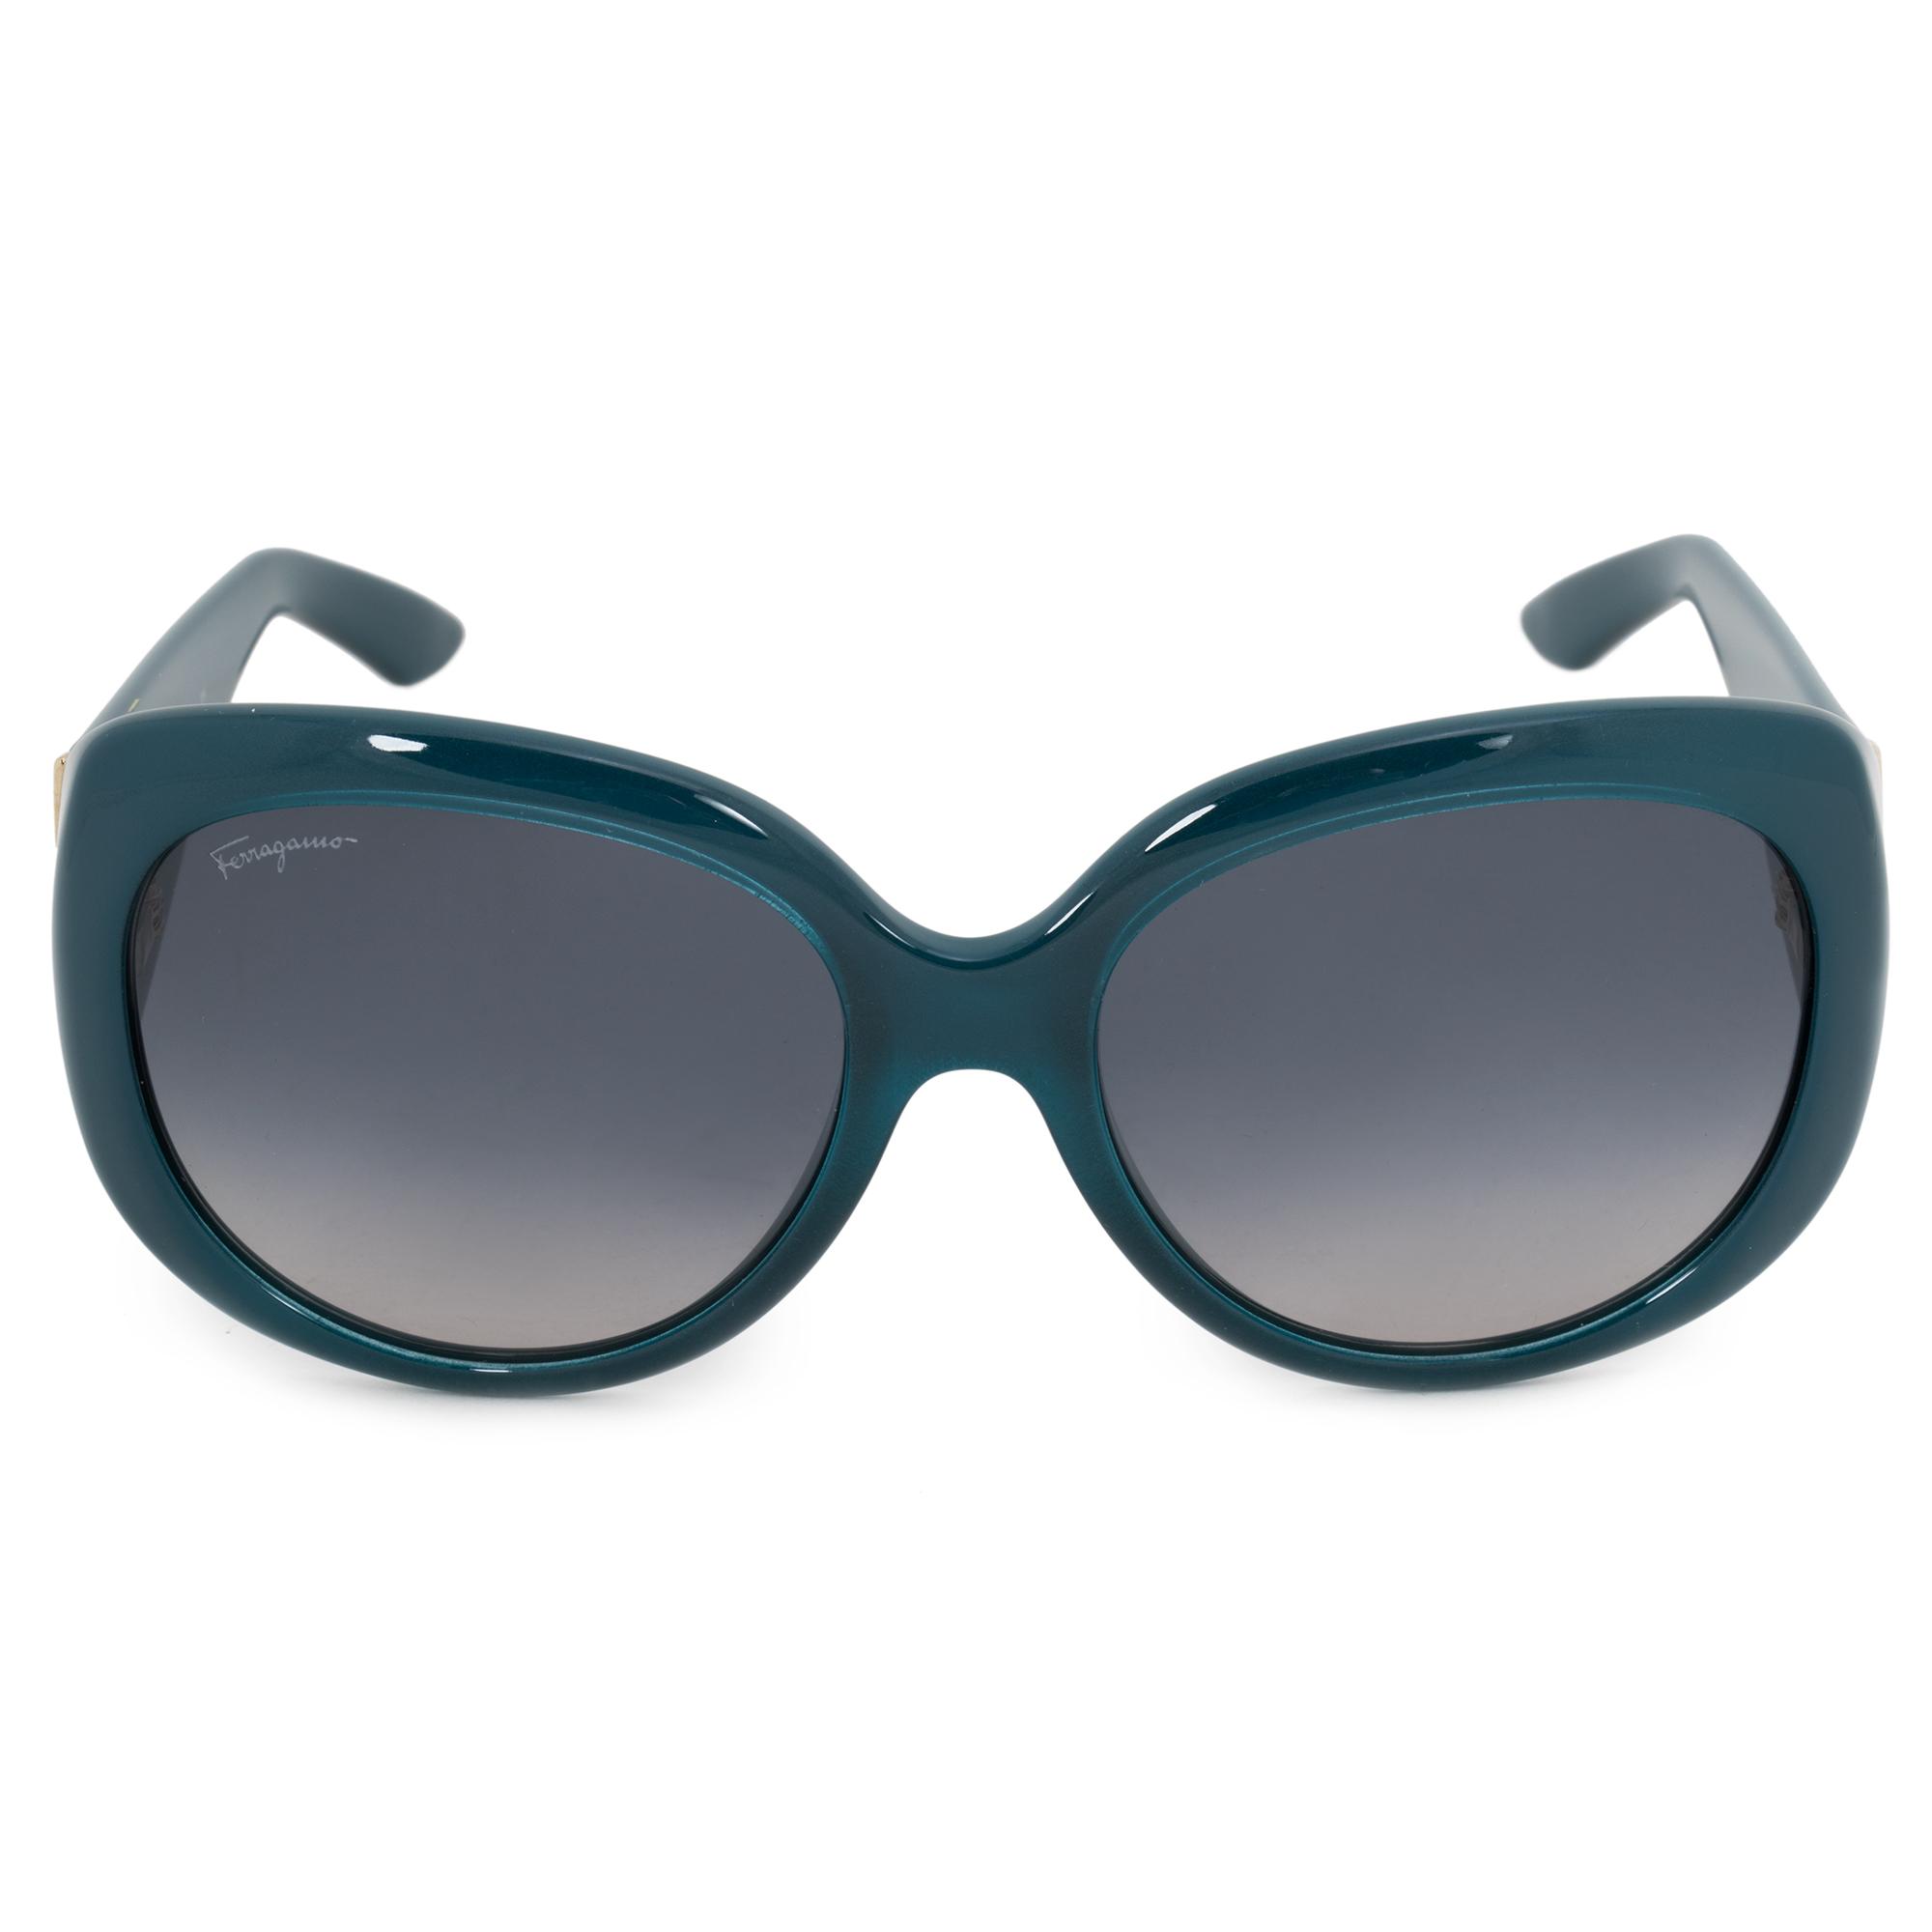 3d0308909d8 Salvatore Ferragamo Salvatore Ferragamo Oval Sunglasses SF721S 416 ...